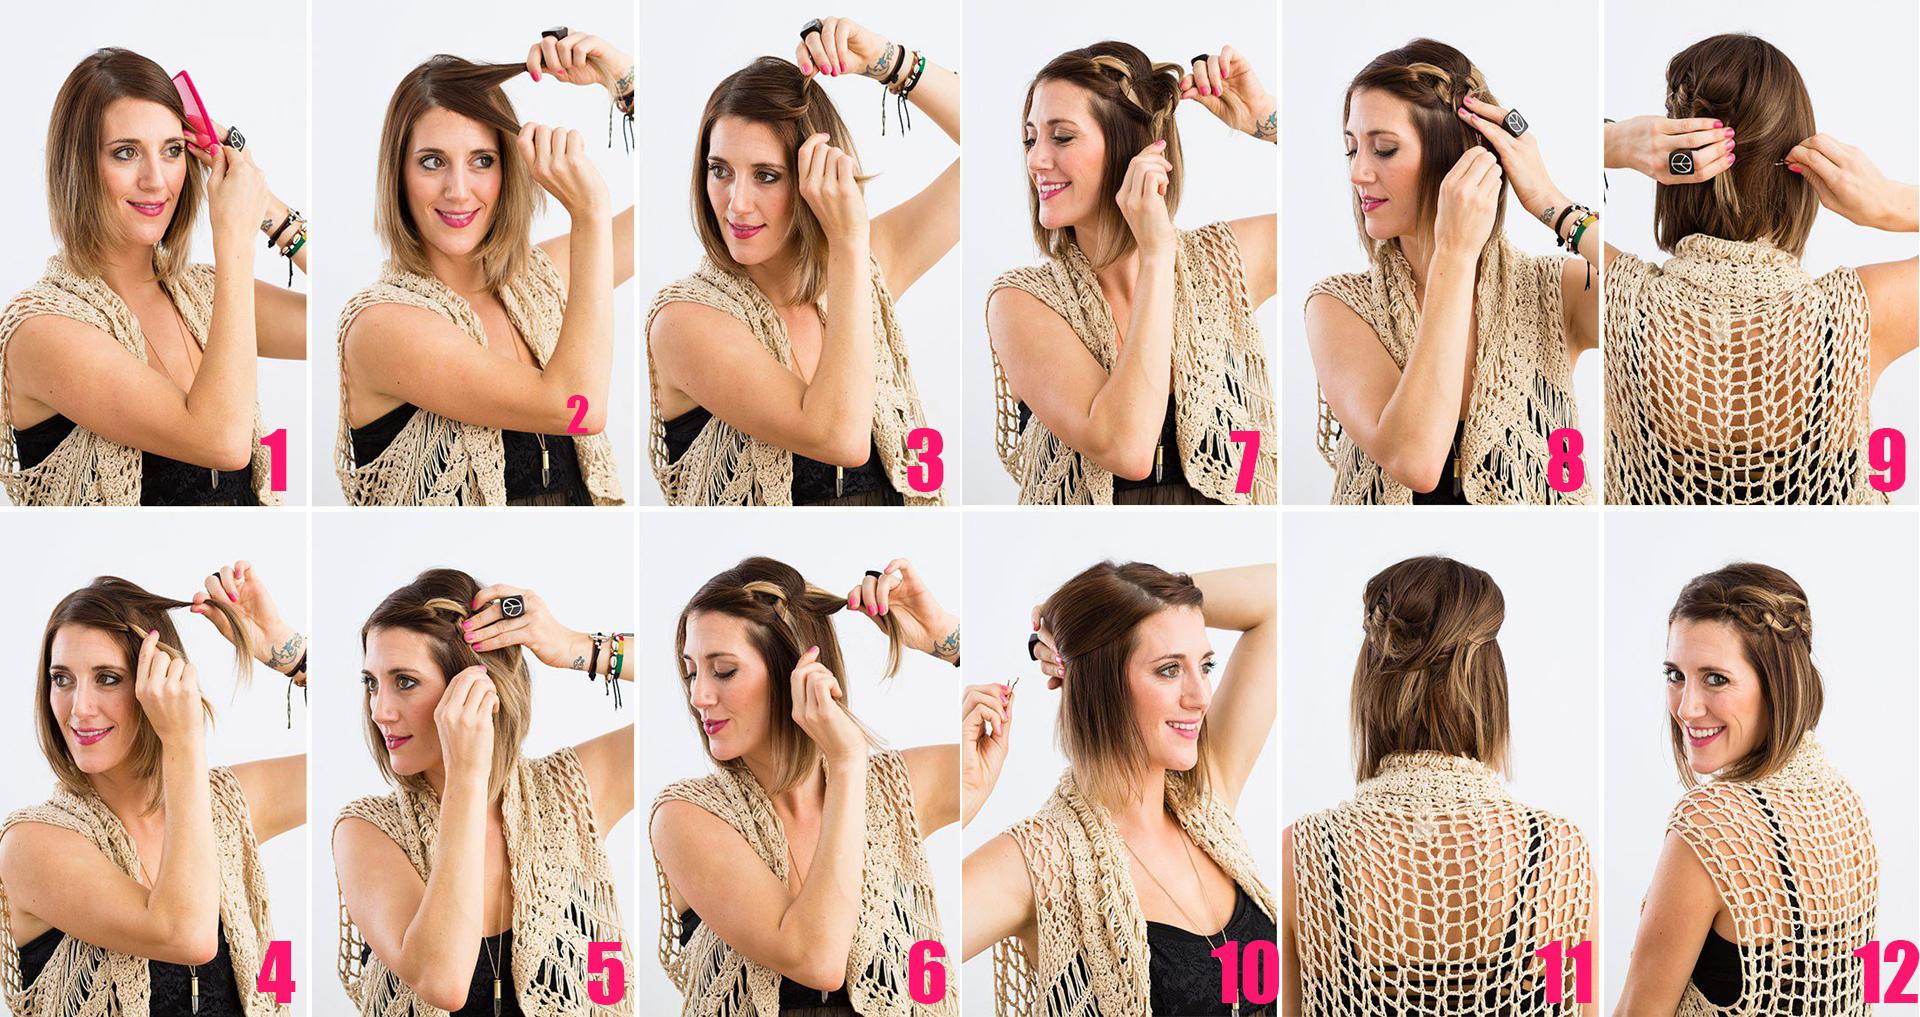 Peinados Para Fiestas Faciles Y Elegantes La Moda Es - Como-hacer-peinados-de-fiesta-faciles-paso-a-paso